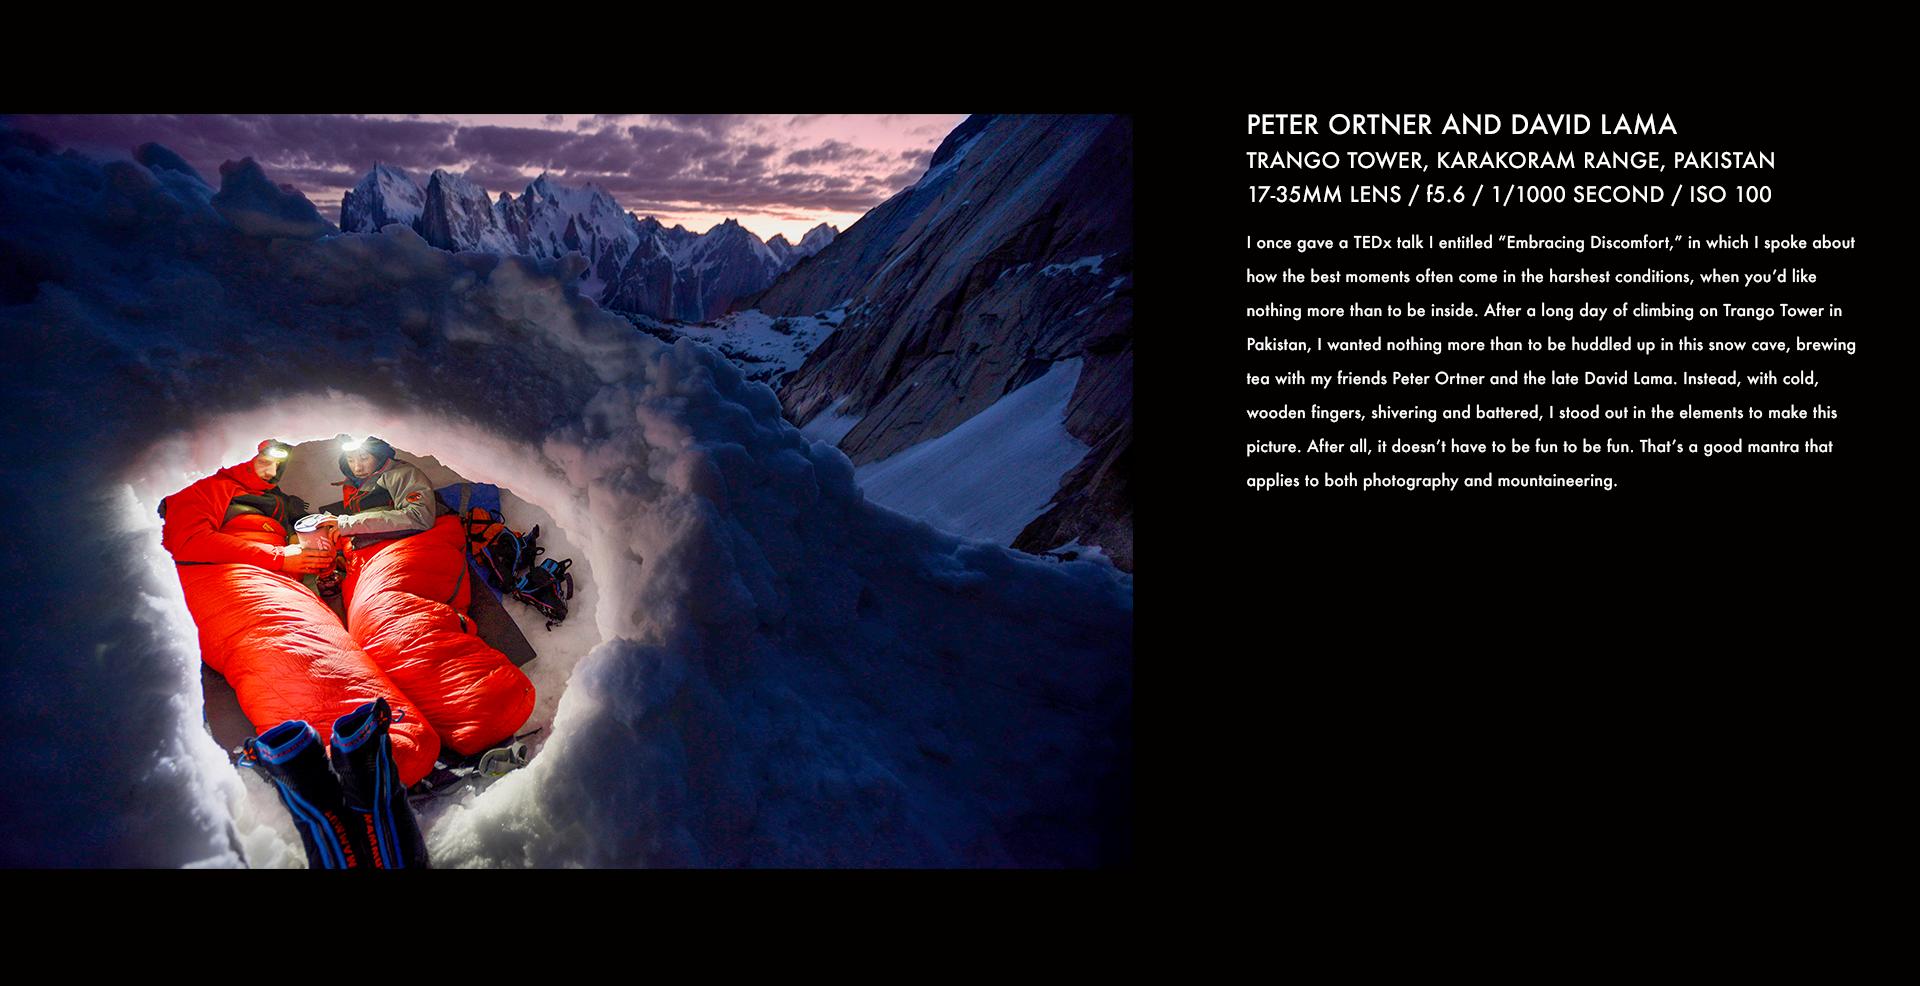 David Lama, Peter Ortner, snow cave, snow, climbing, rock climbing, mountain climber, corey rich, stories behind the images